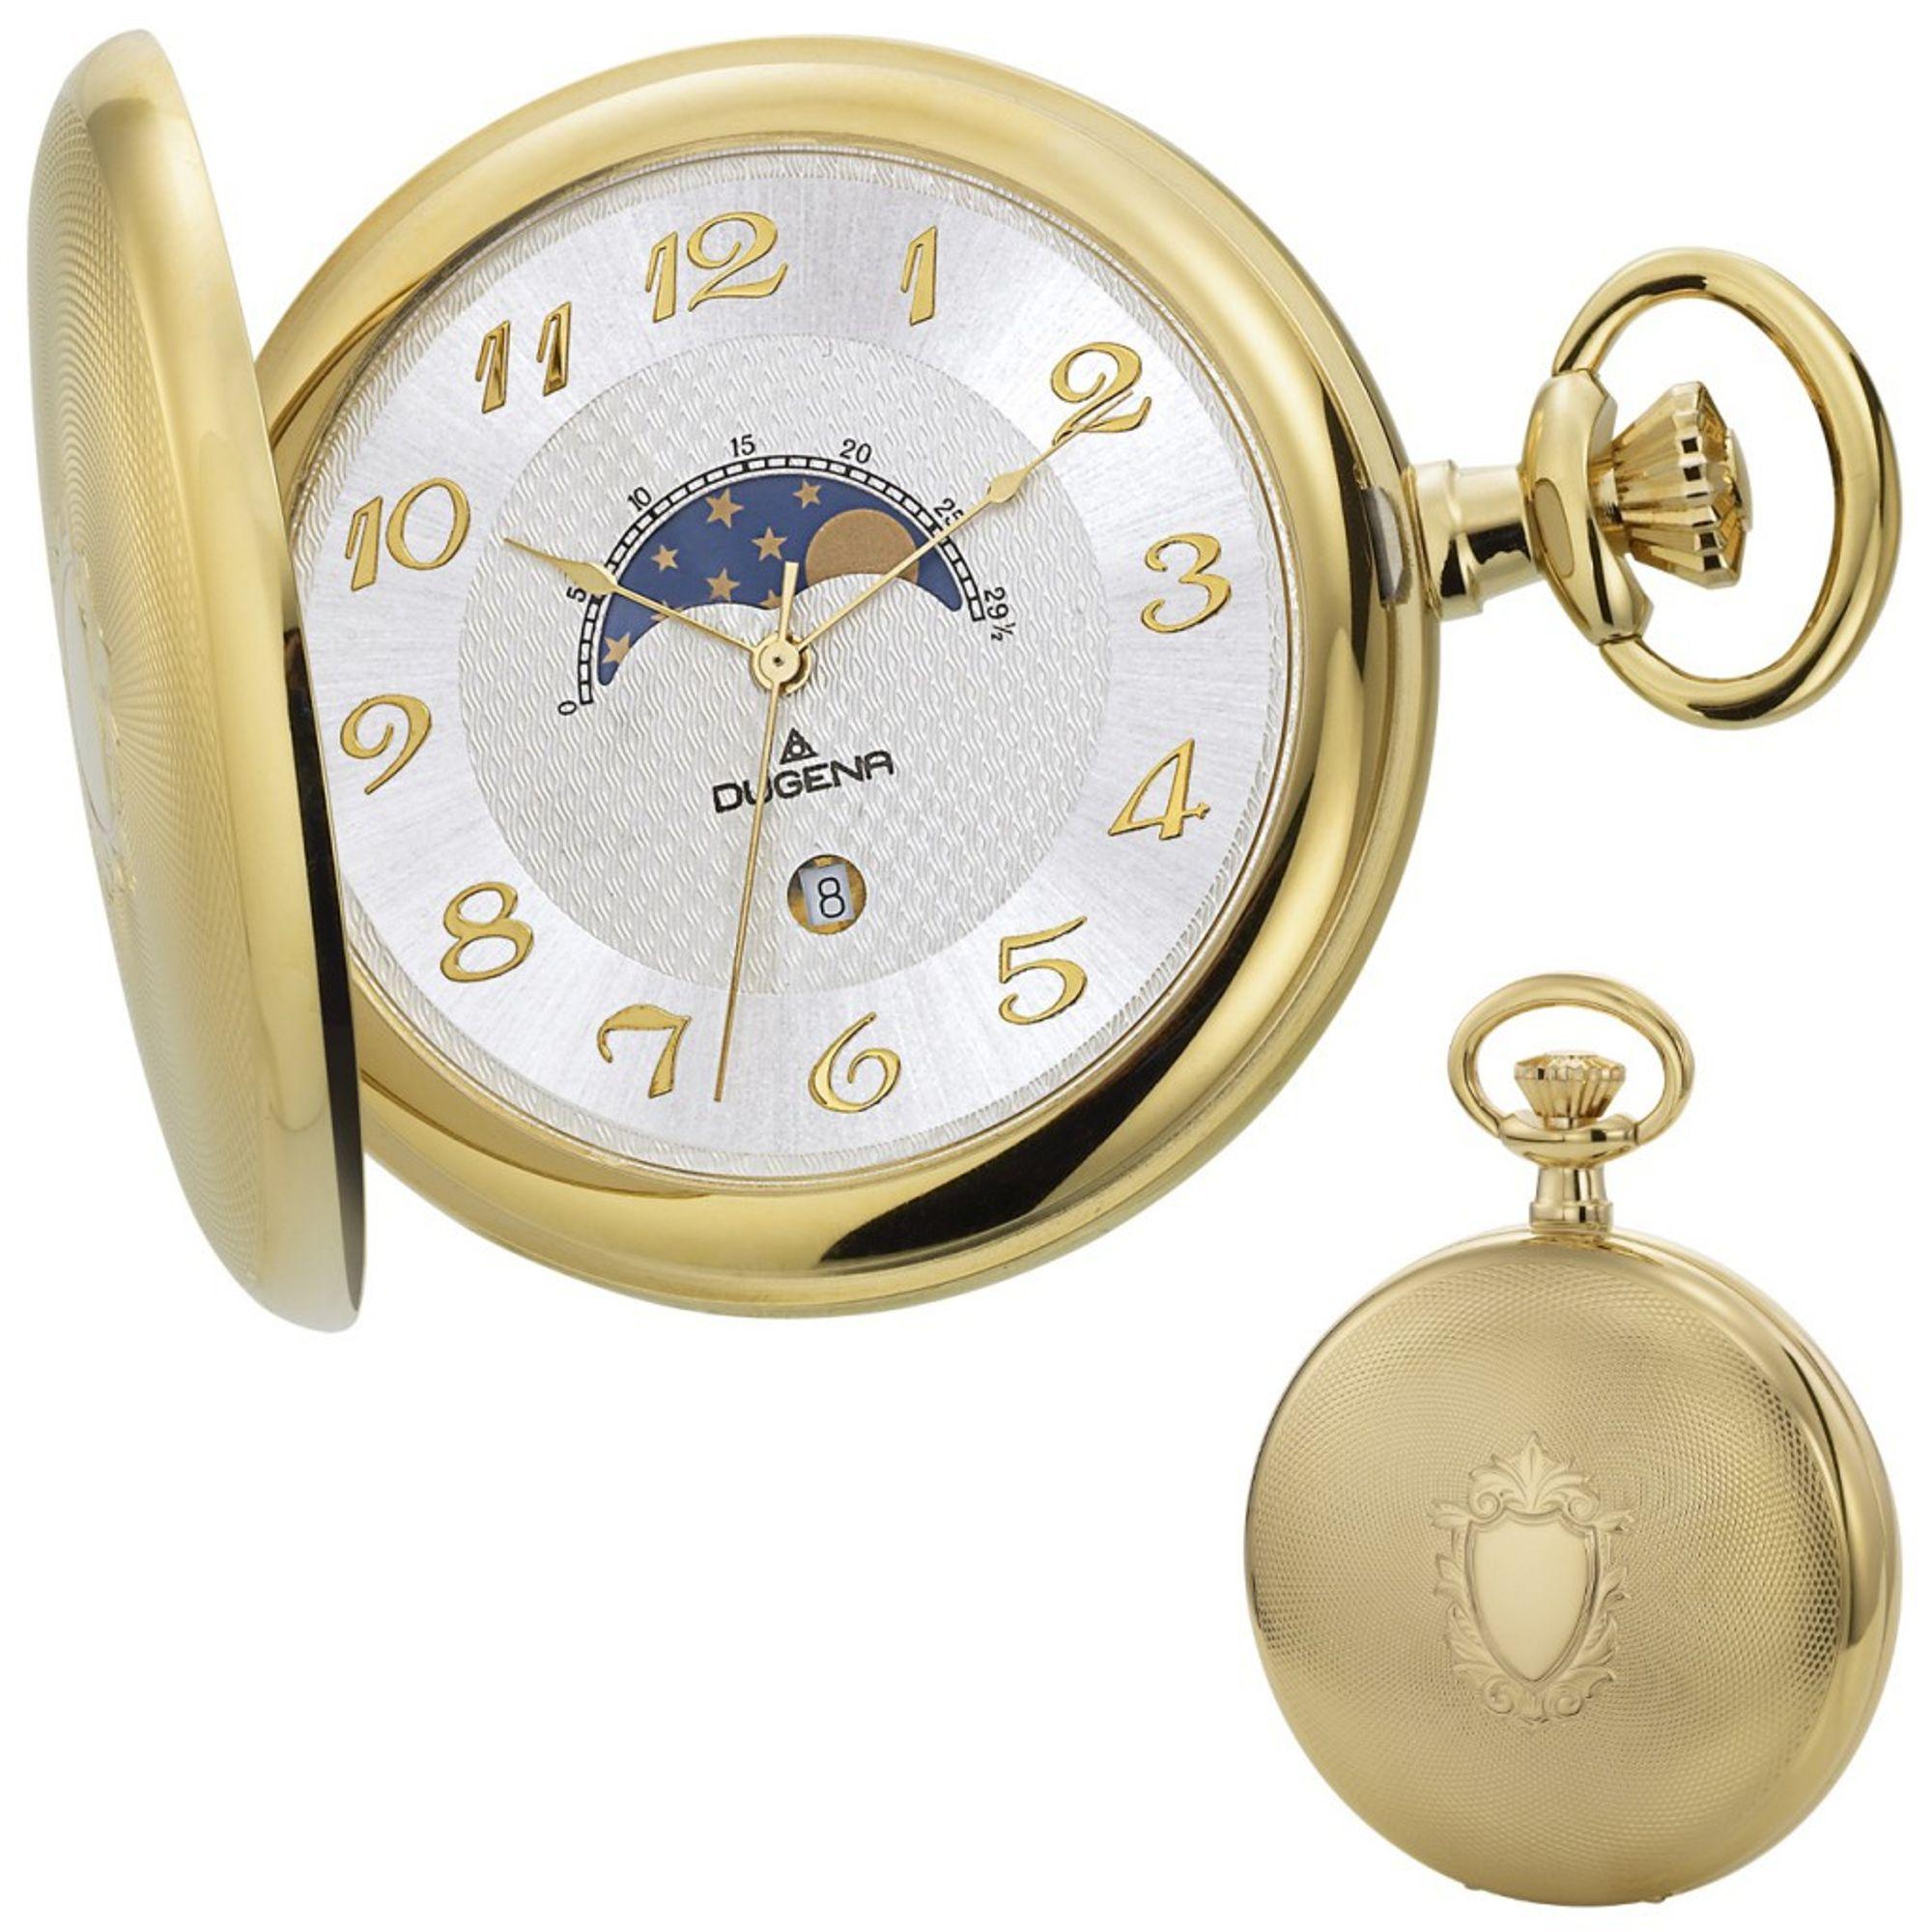 DUGENA 4460306 Taschenuhr Savonette mit Kette Uhr Herrenuhr gold